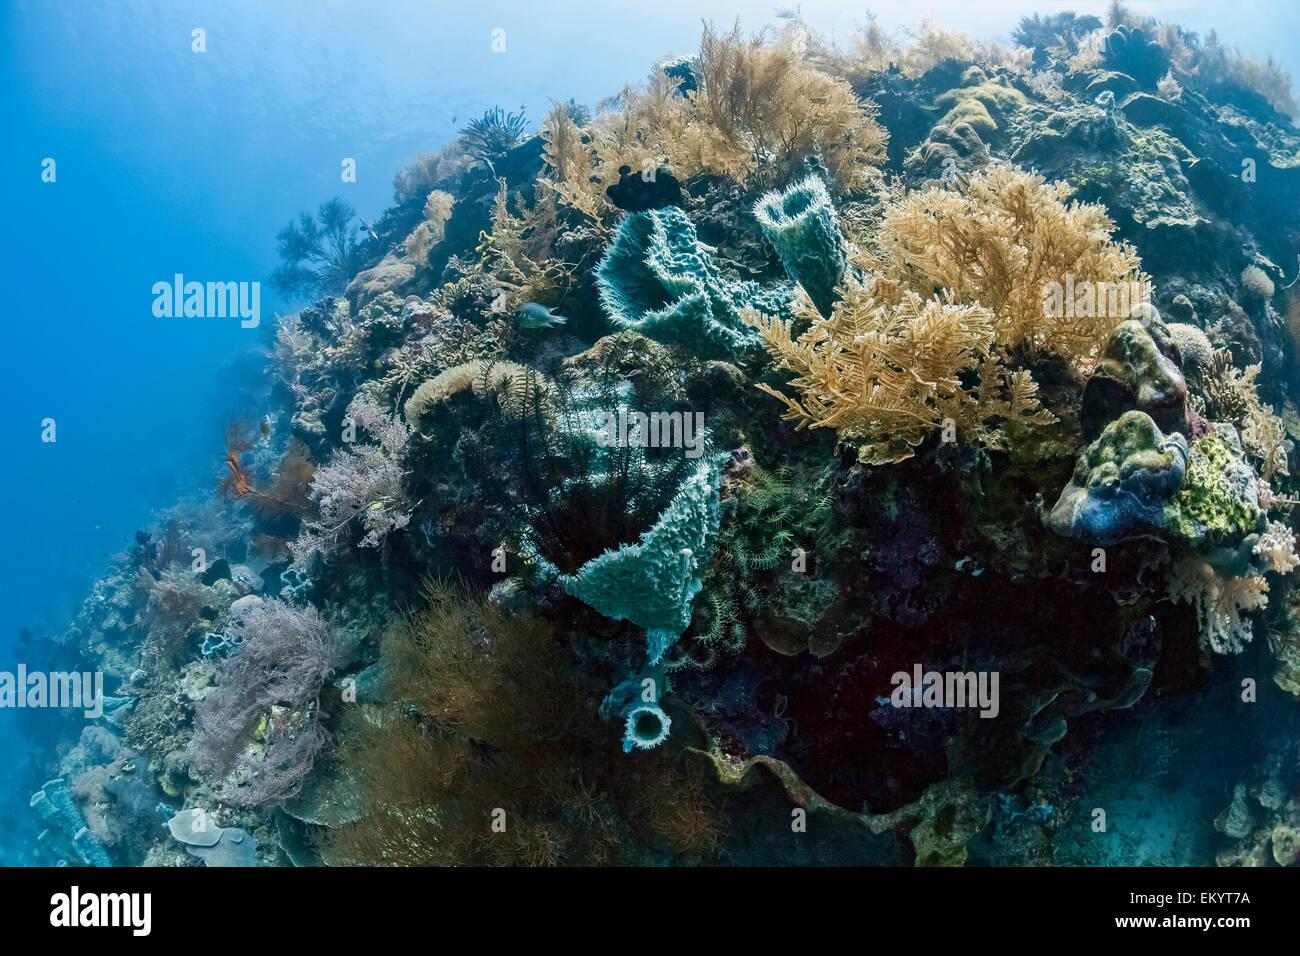 Tropical coral reef at Menjangan, Bali, Indonesia island - Stock Image